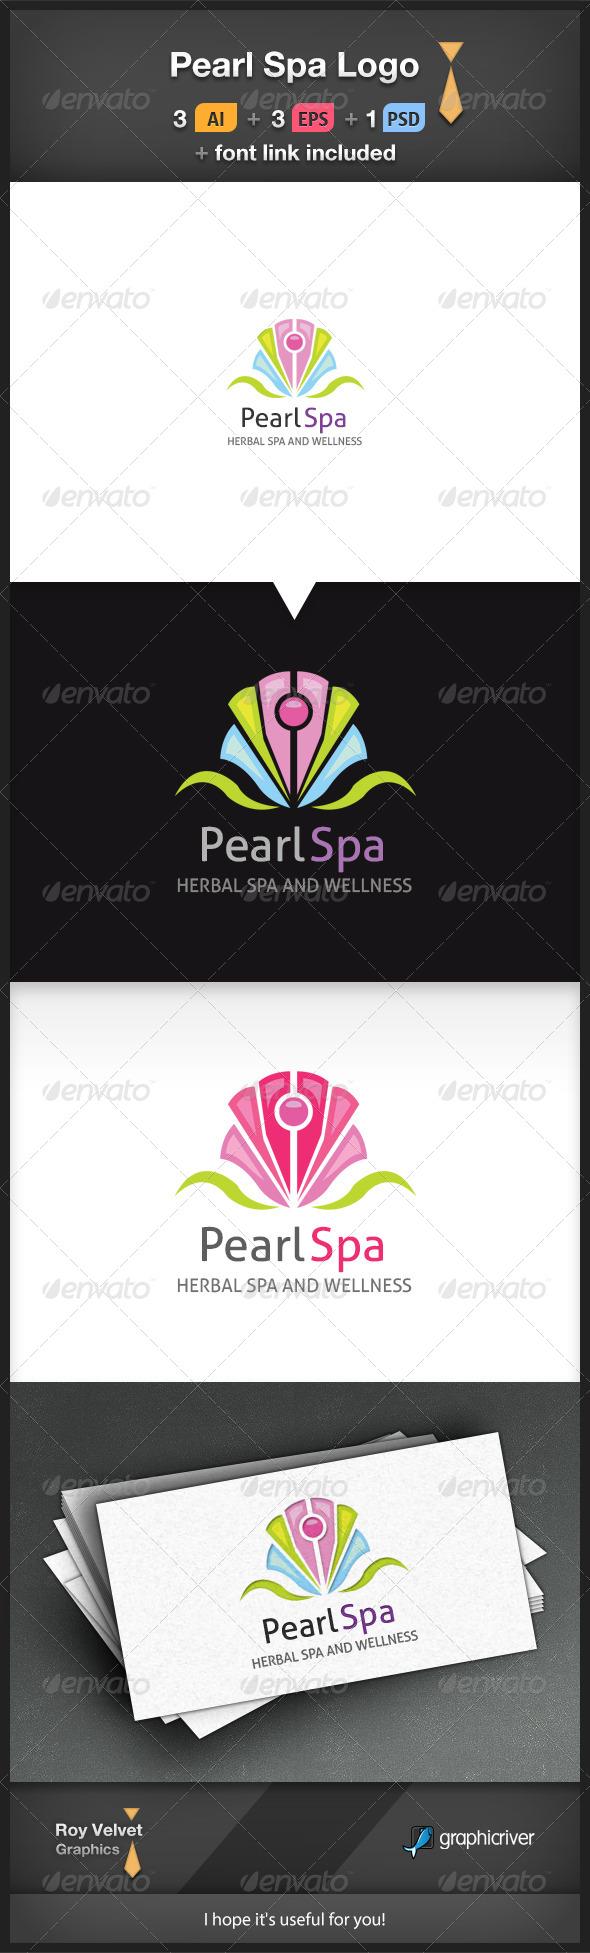 GraphicRiver Pearl Spa Logo 6278734